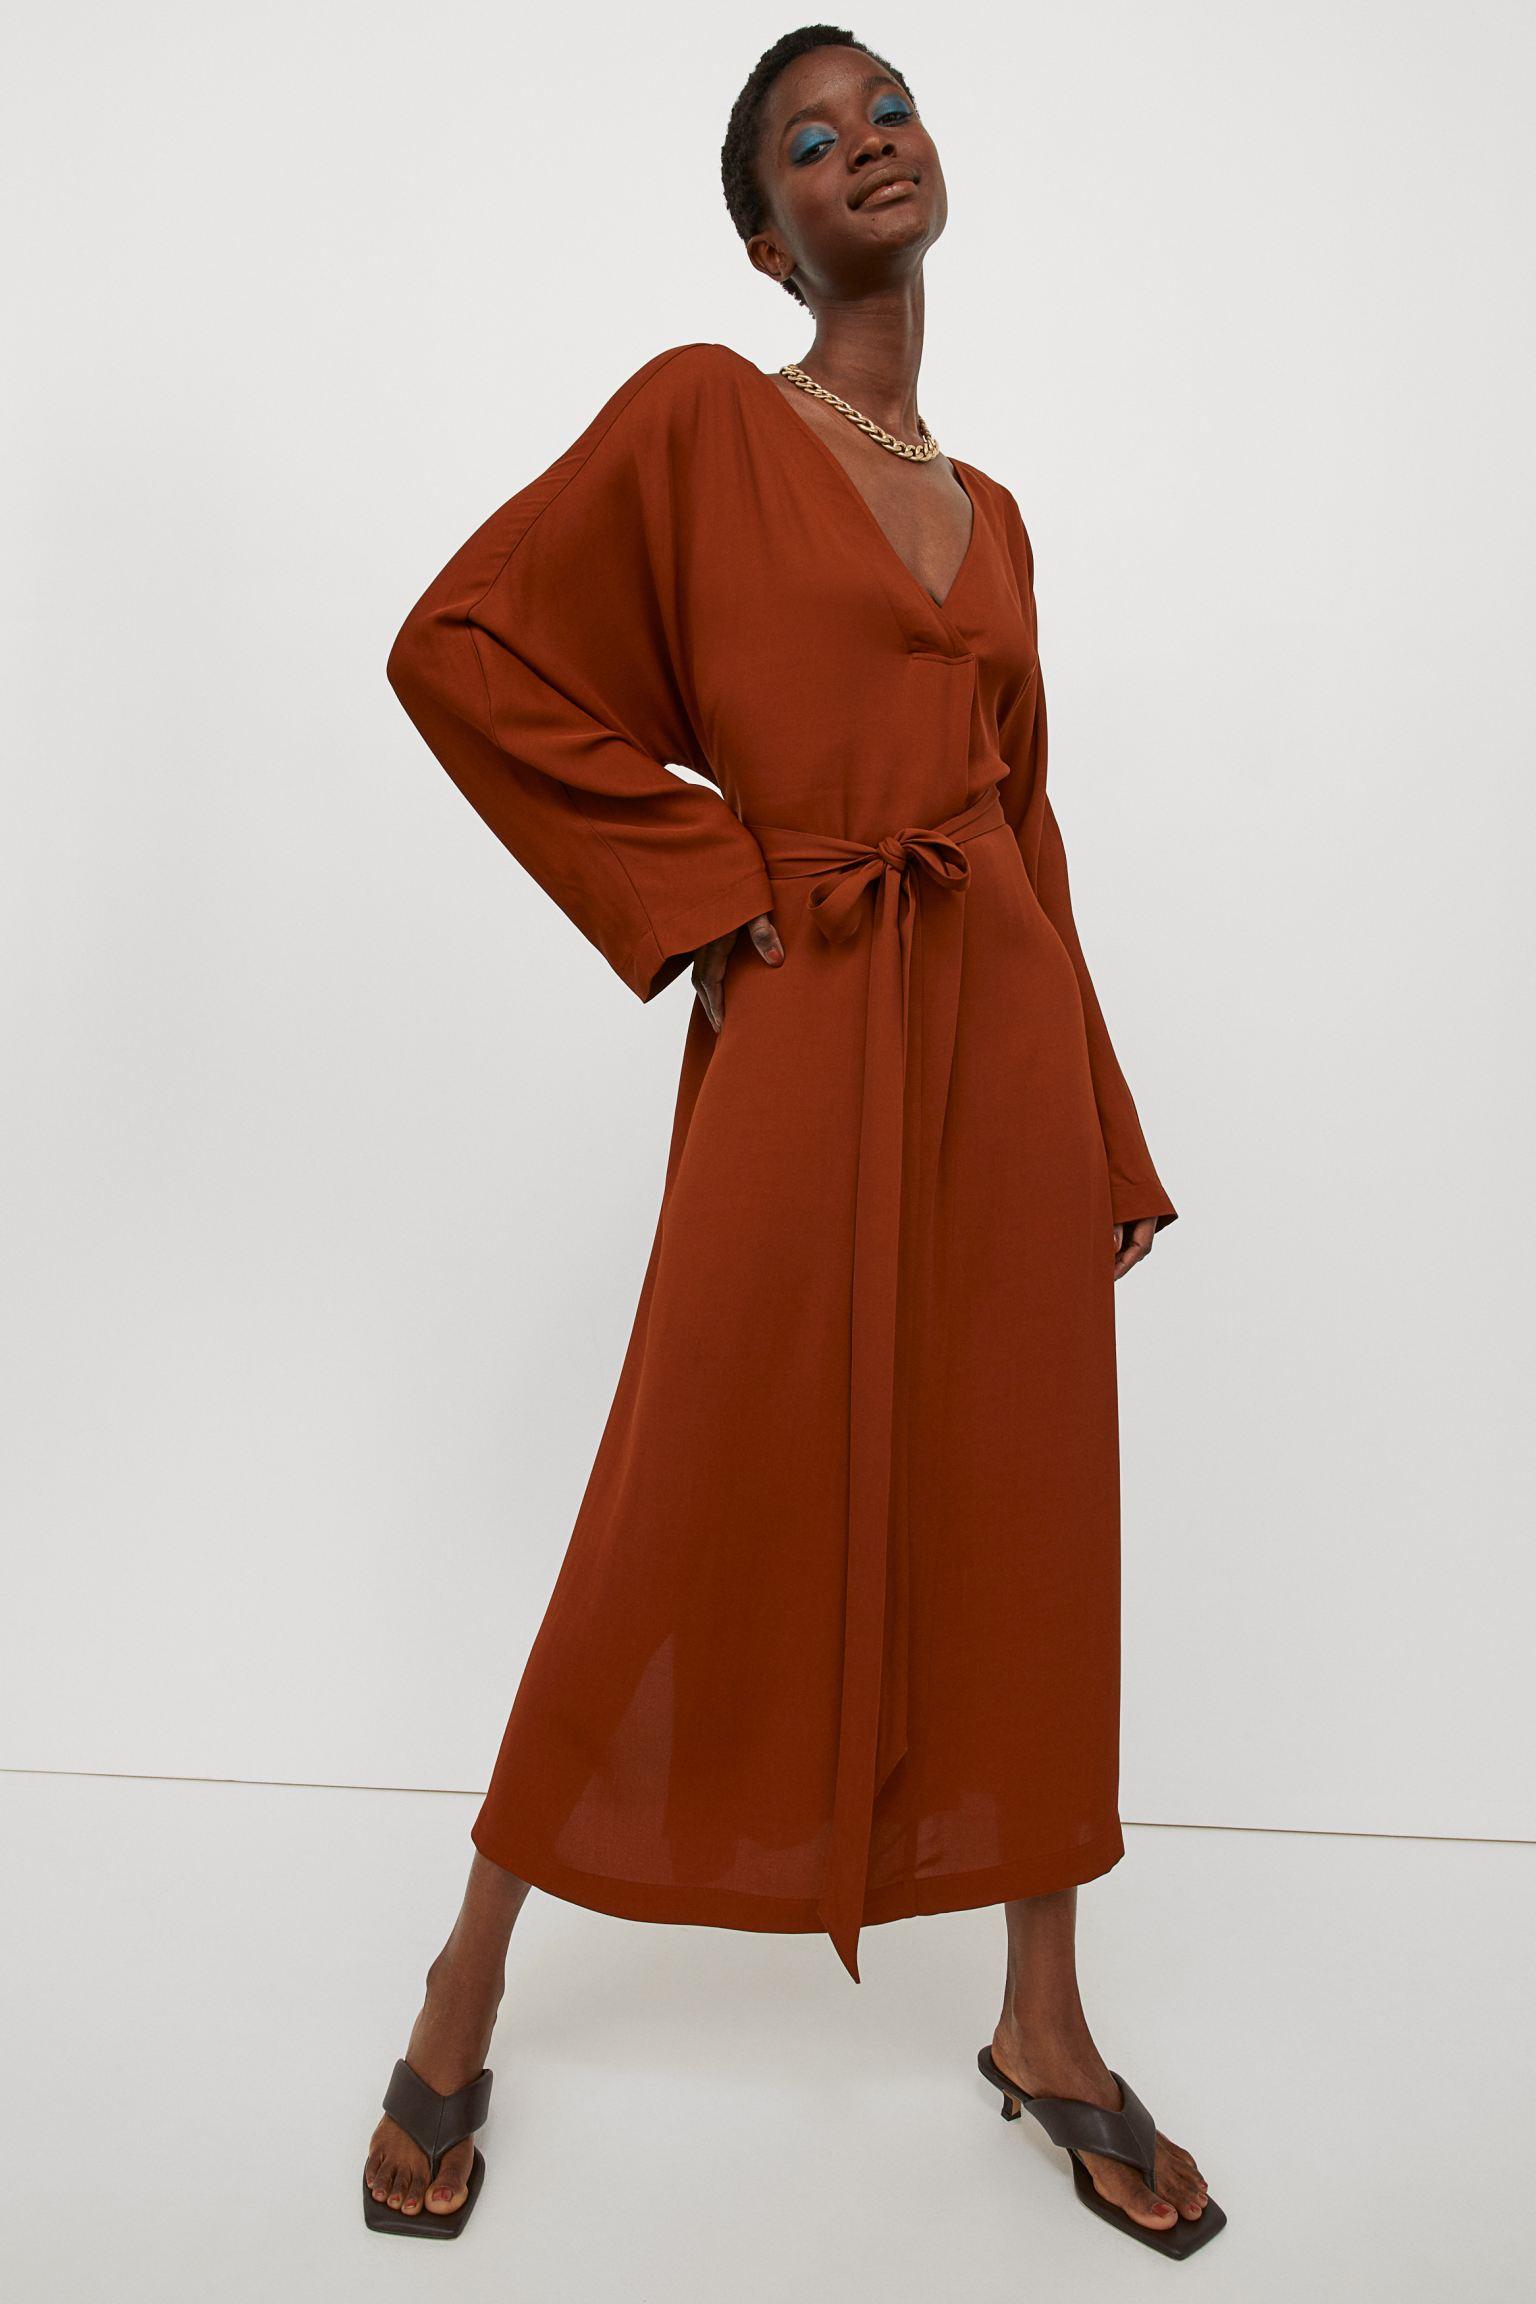 Vestido caftán largo con escote de pico y pliegue delante para un toque de amplitud